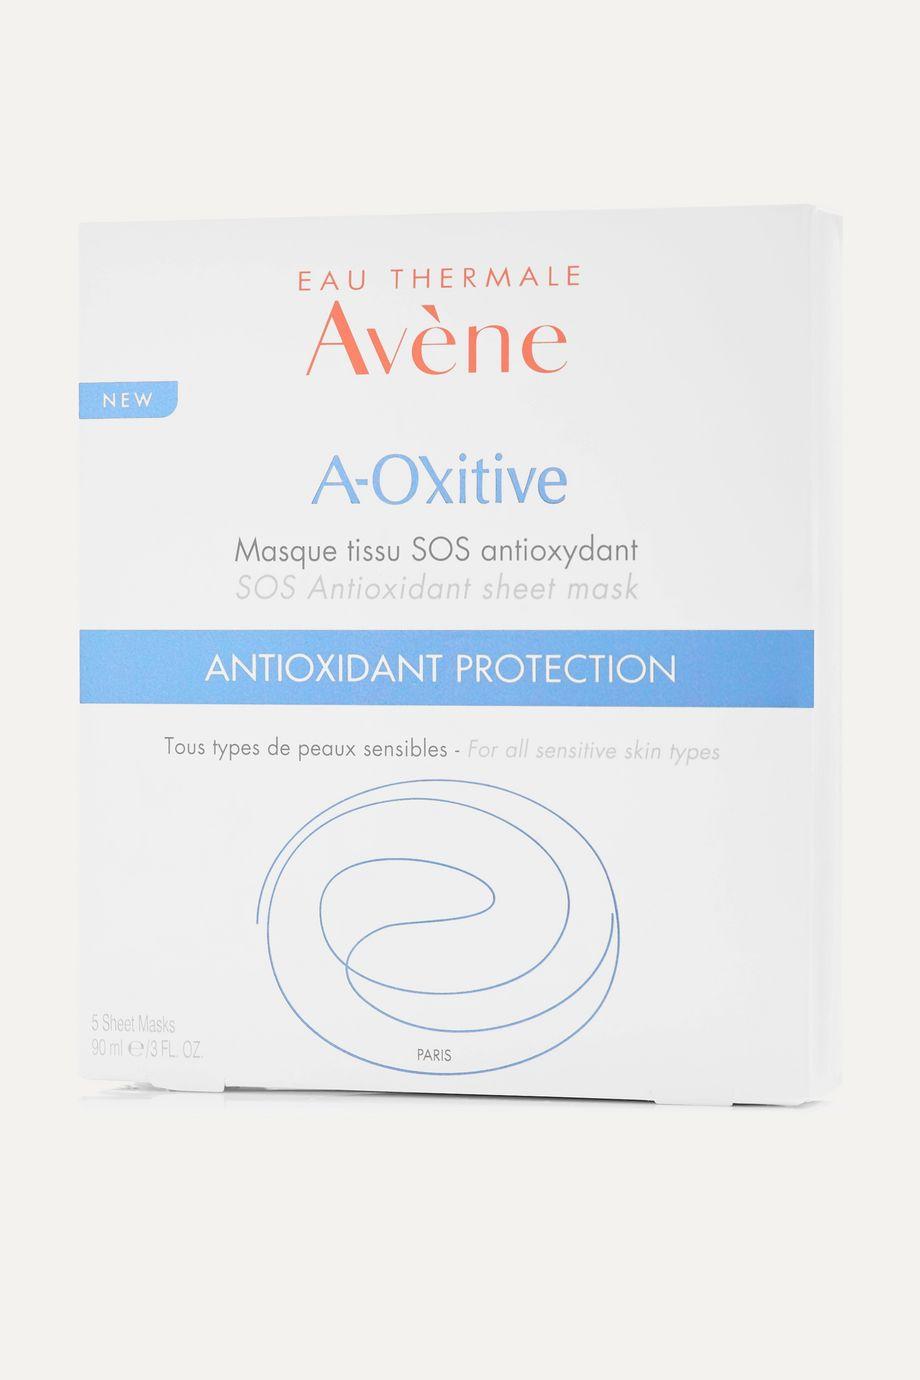 Avene A-Oxitive SOS Antioxidant Sheet Mask, 5 x 18ml